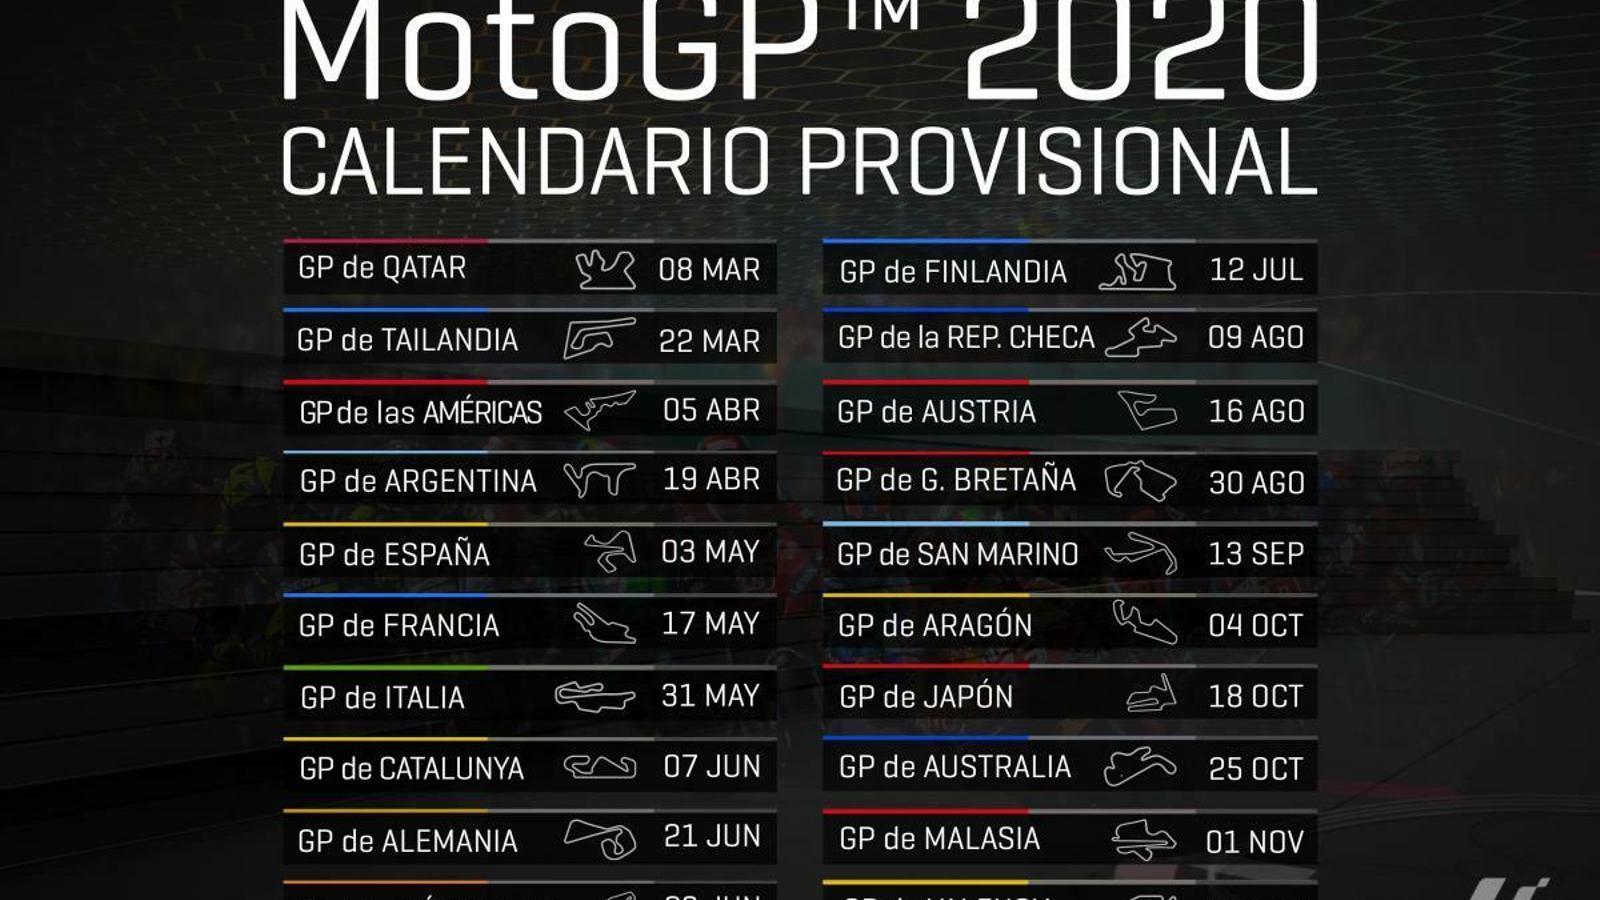 Finlàndia, novetat al calendari del Mundial de MotoGP / MOTOGP